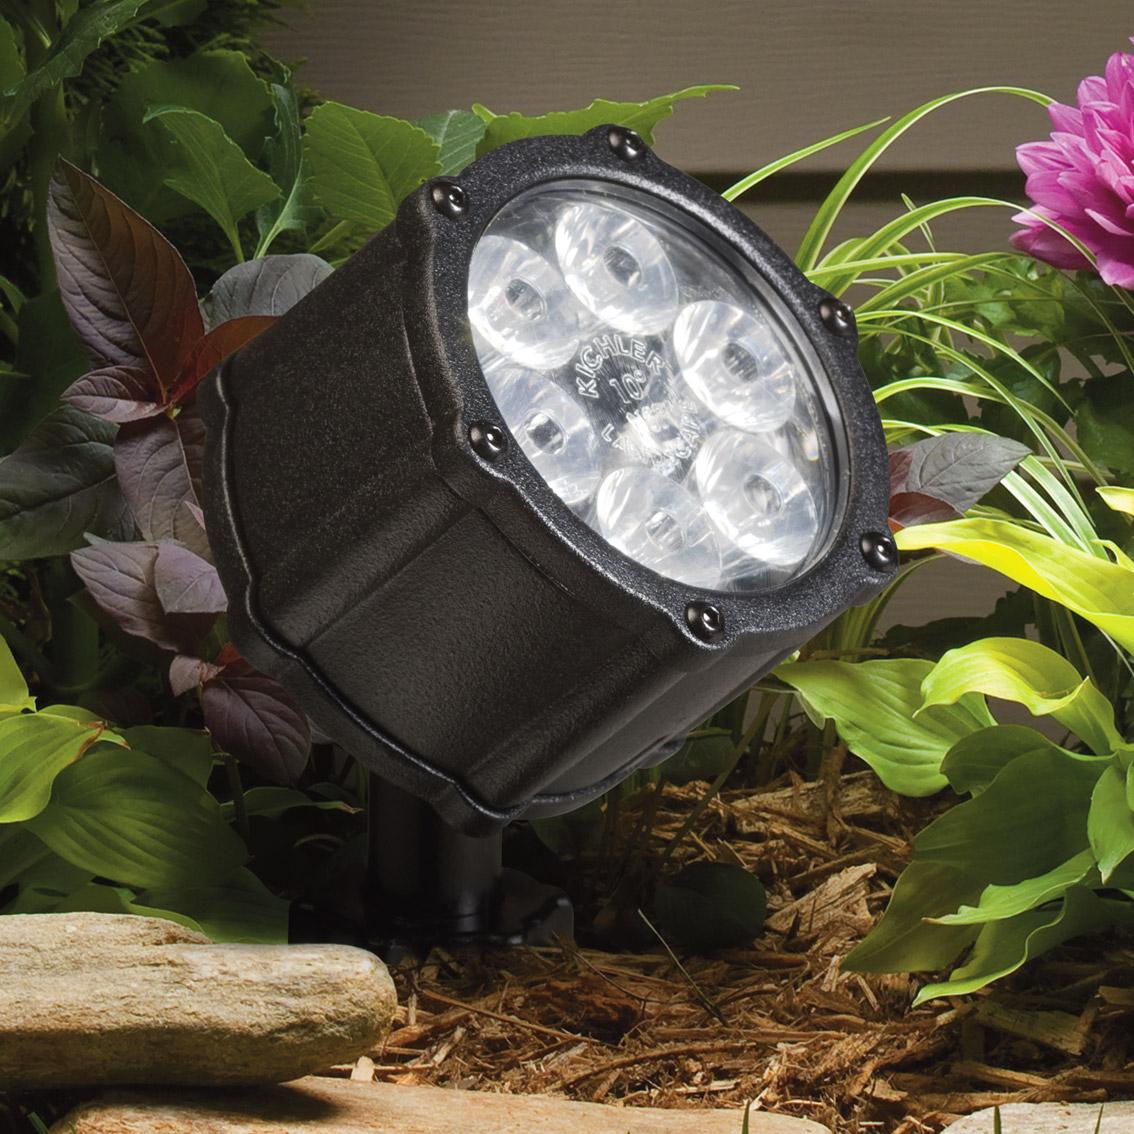 home outdoor lighting landscape lighting kichler 15742bkt. Black Bedroom Furniture Sets. Home Design Ideas